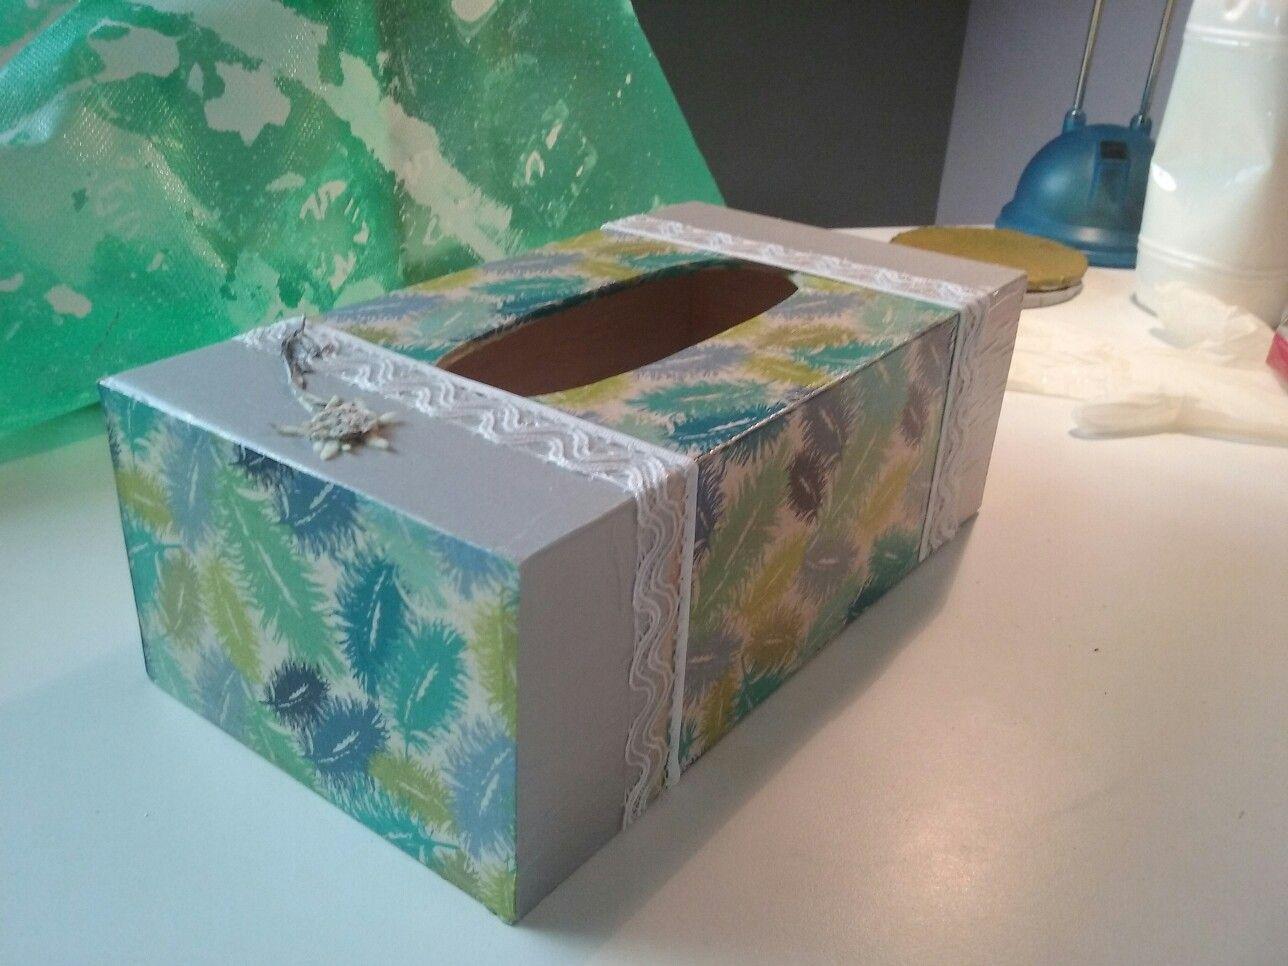 boite en mouchoirs en bois d cor e avec du papier decopatch de la dentelle et une fleur s ch e. Black Bedroom Furniture Sets. Home Design Ideas